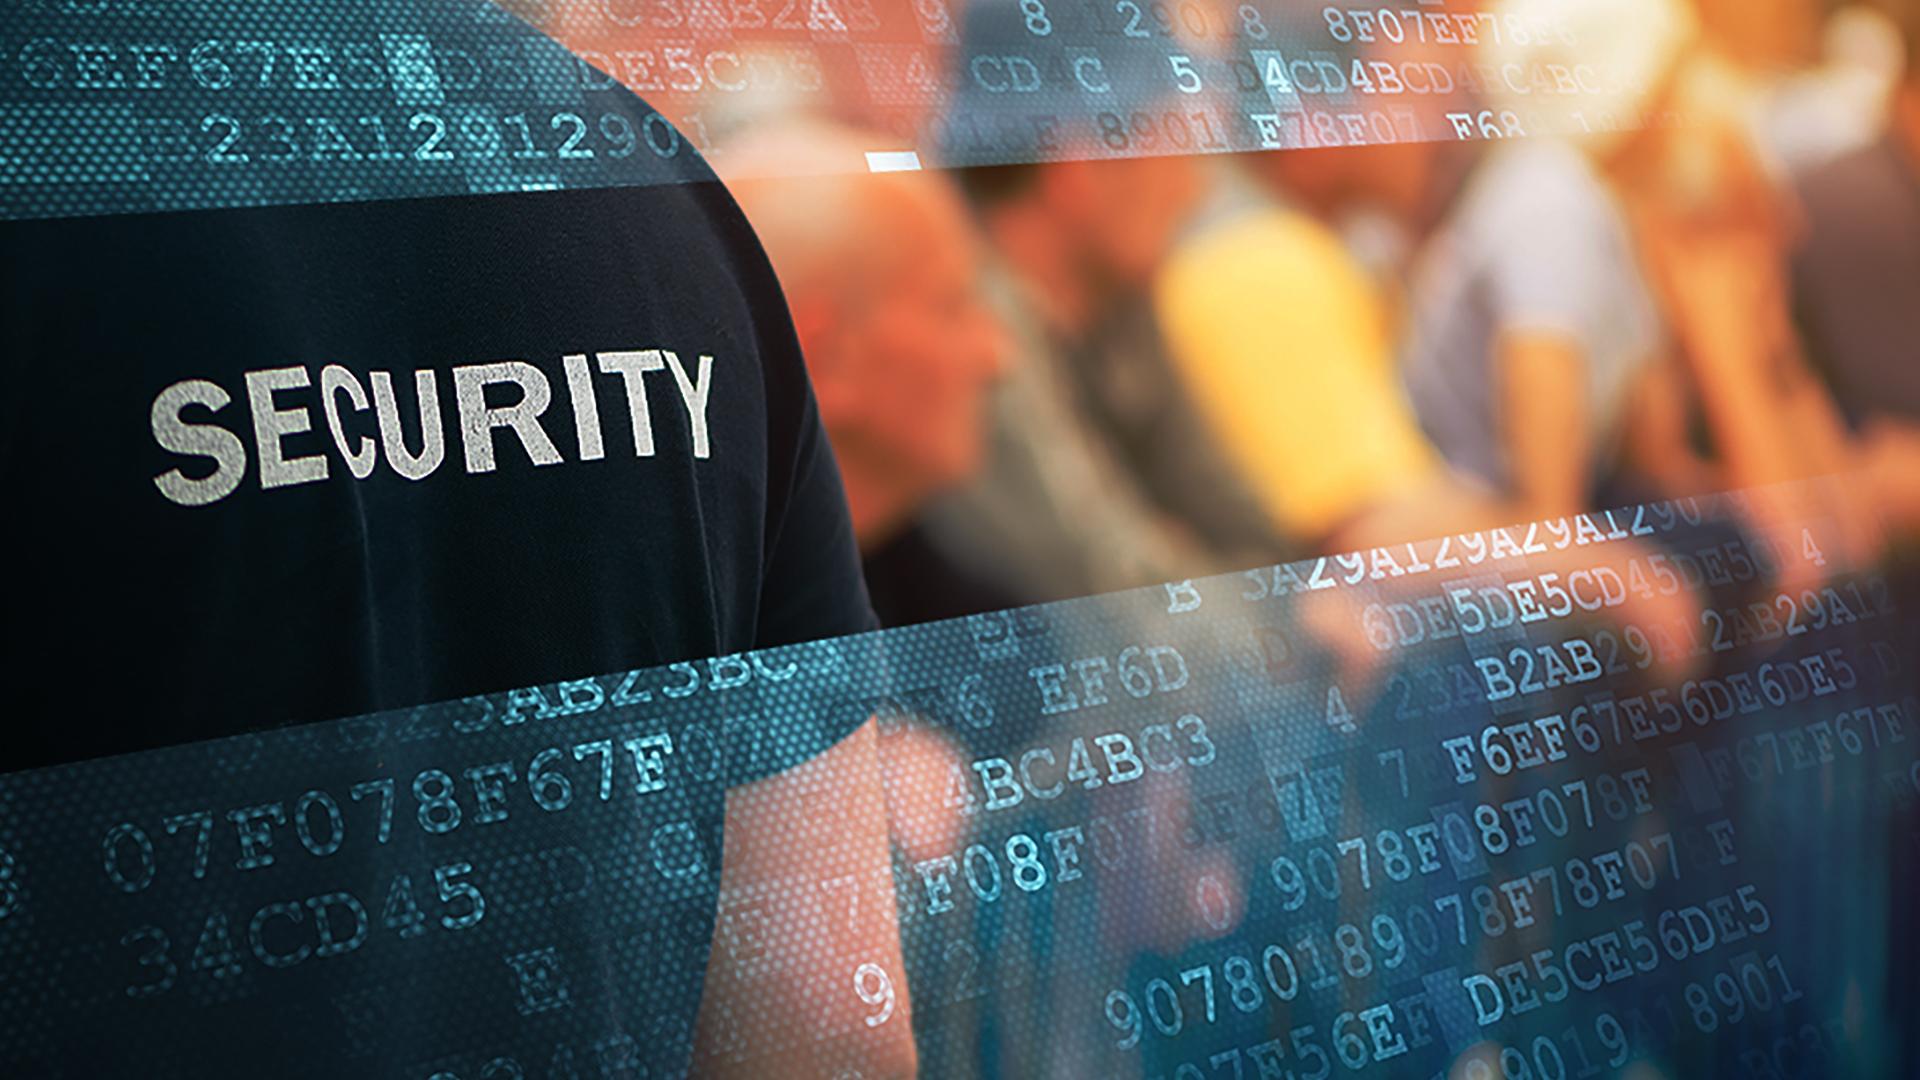 Internet, Sicherheit, Sicherheitslücke, Hacker, Security, Hack, Angriff, Virus, Kriminalität, Cybersecurity, Hacking, Internetkriminalität, Hacker Angriffe, Ransom, Security Report